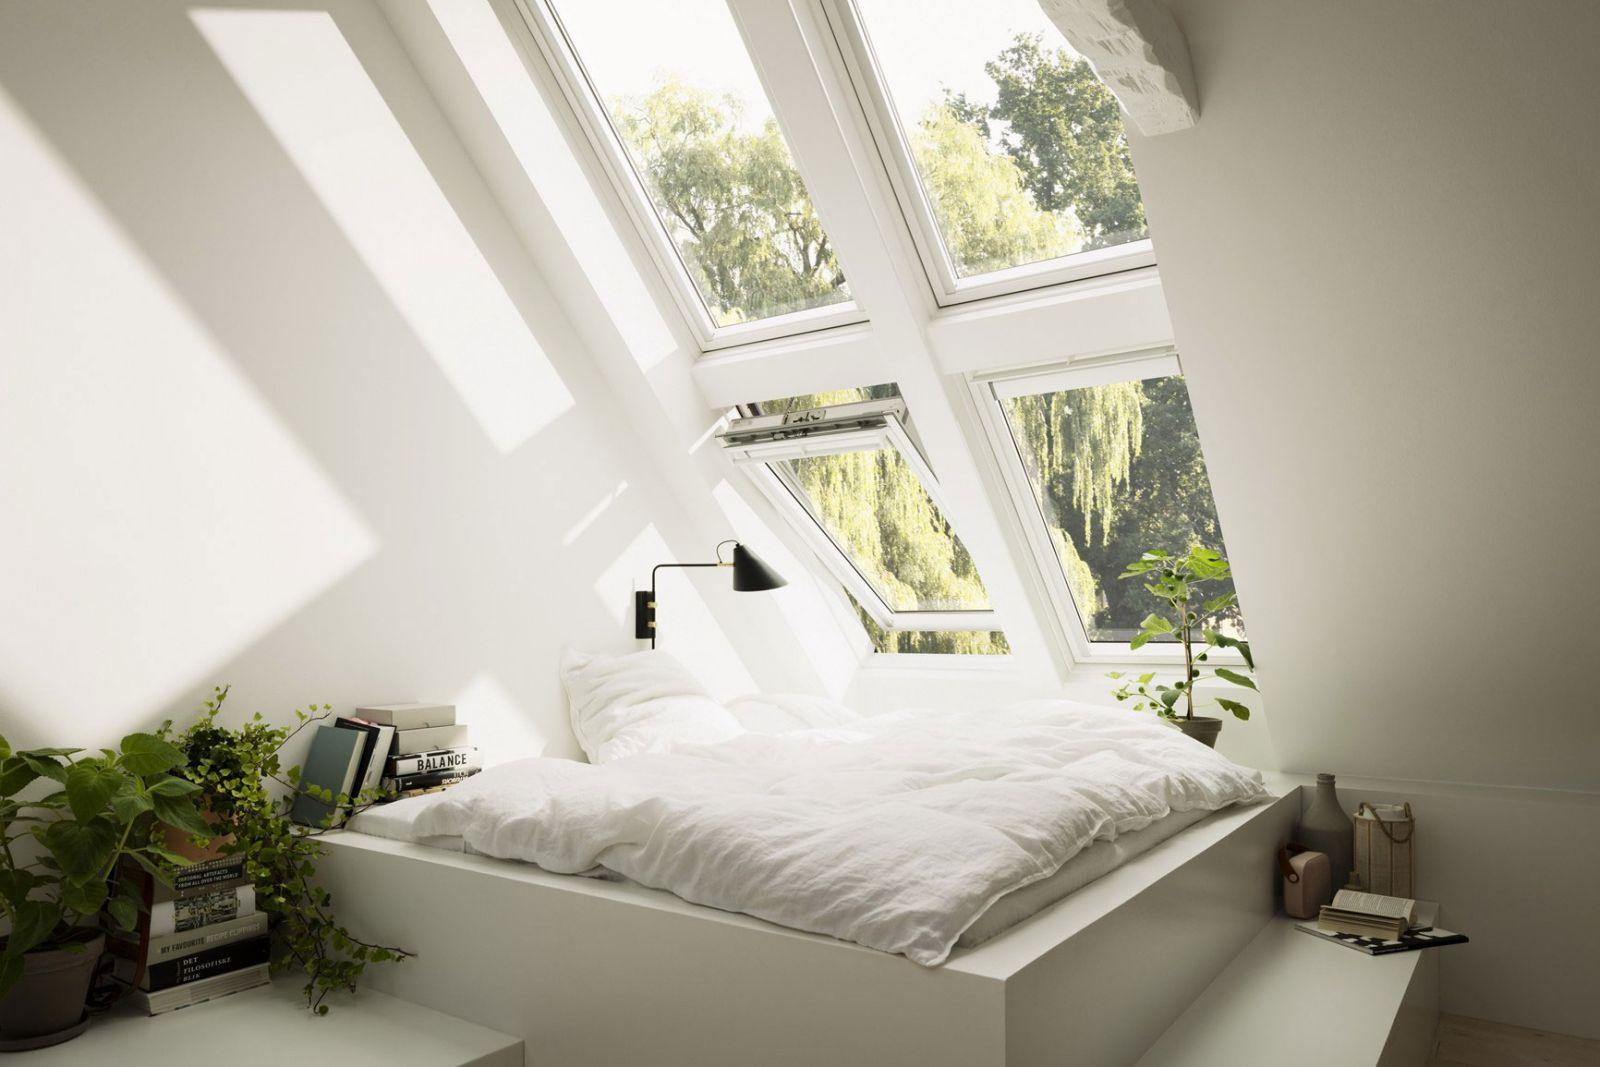 |MORNING TALK| ƯỚC MƠ THỨ N - DREAM HOUSE